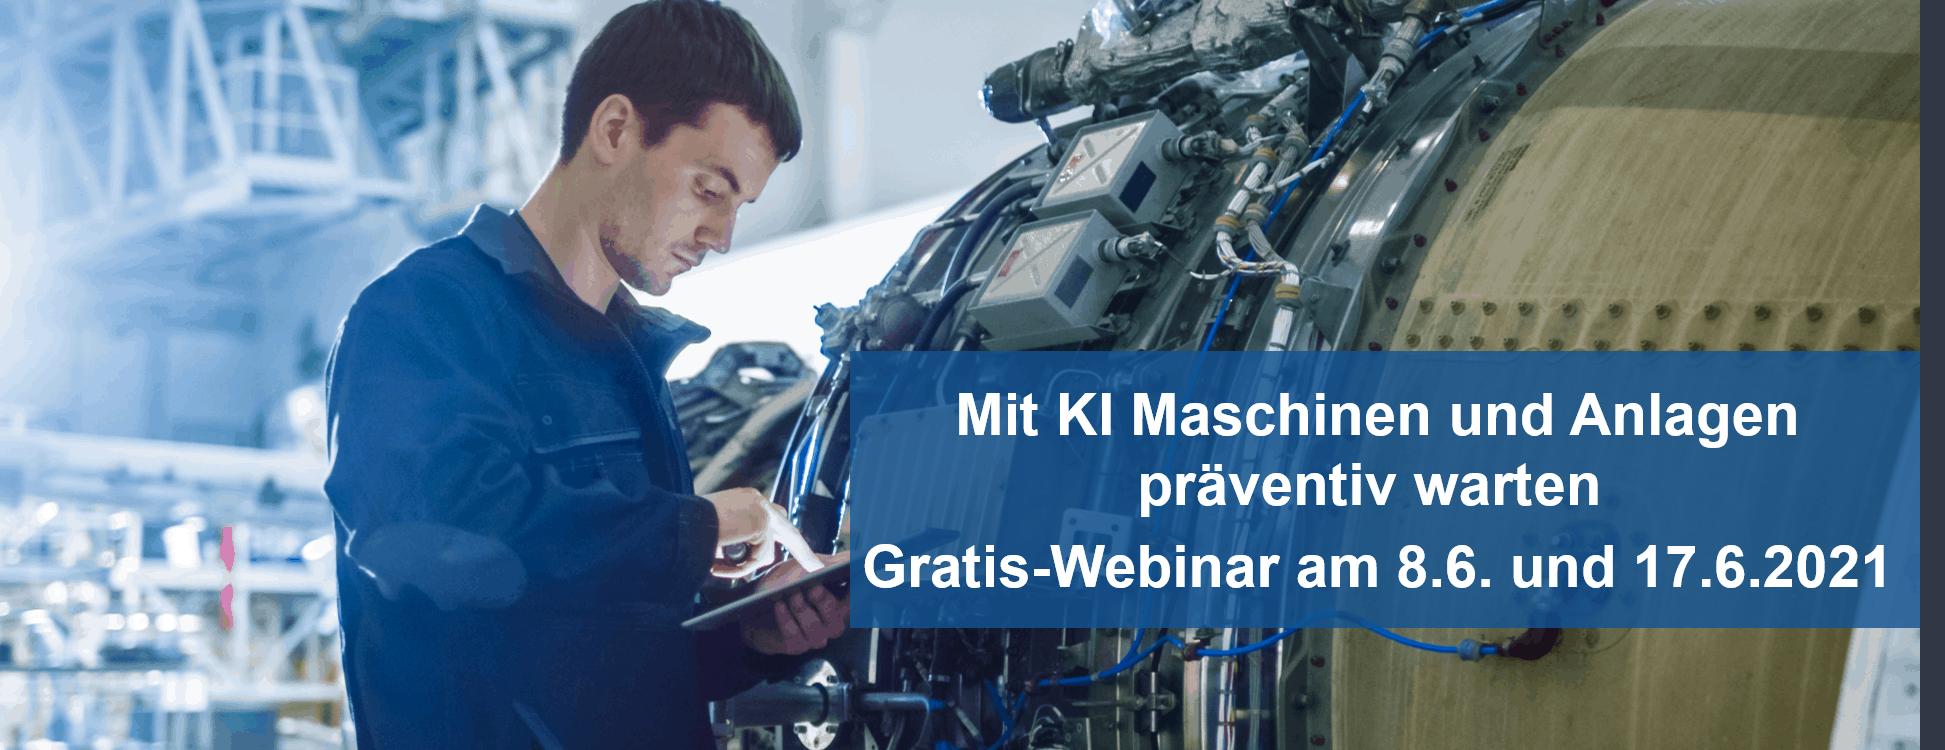 Mit KI Maschinen und Anlagen präventiv warten – Gratis-Webinar zu Predictive Maintenance